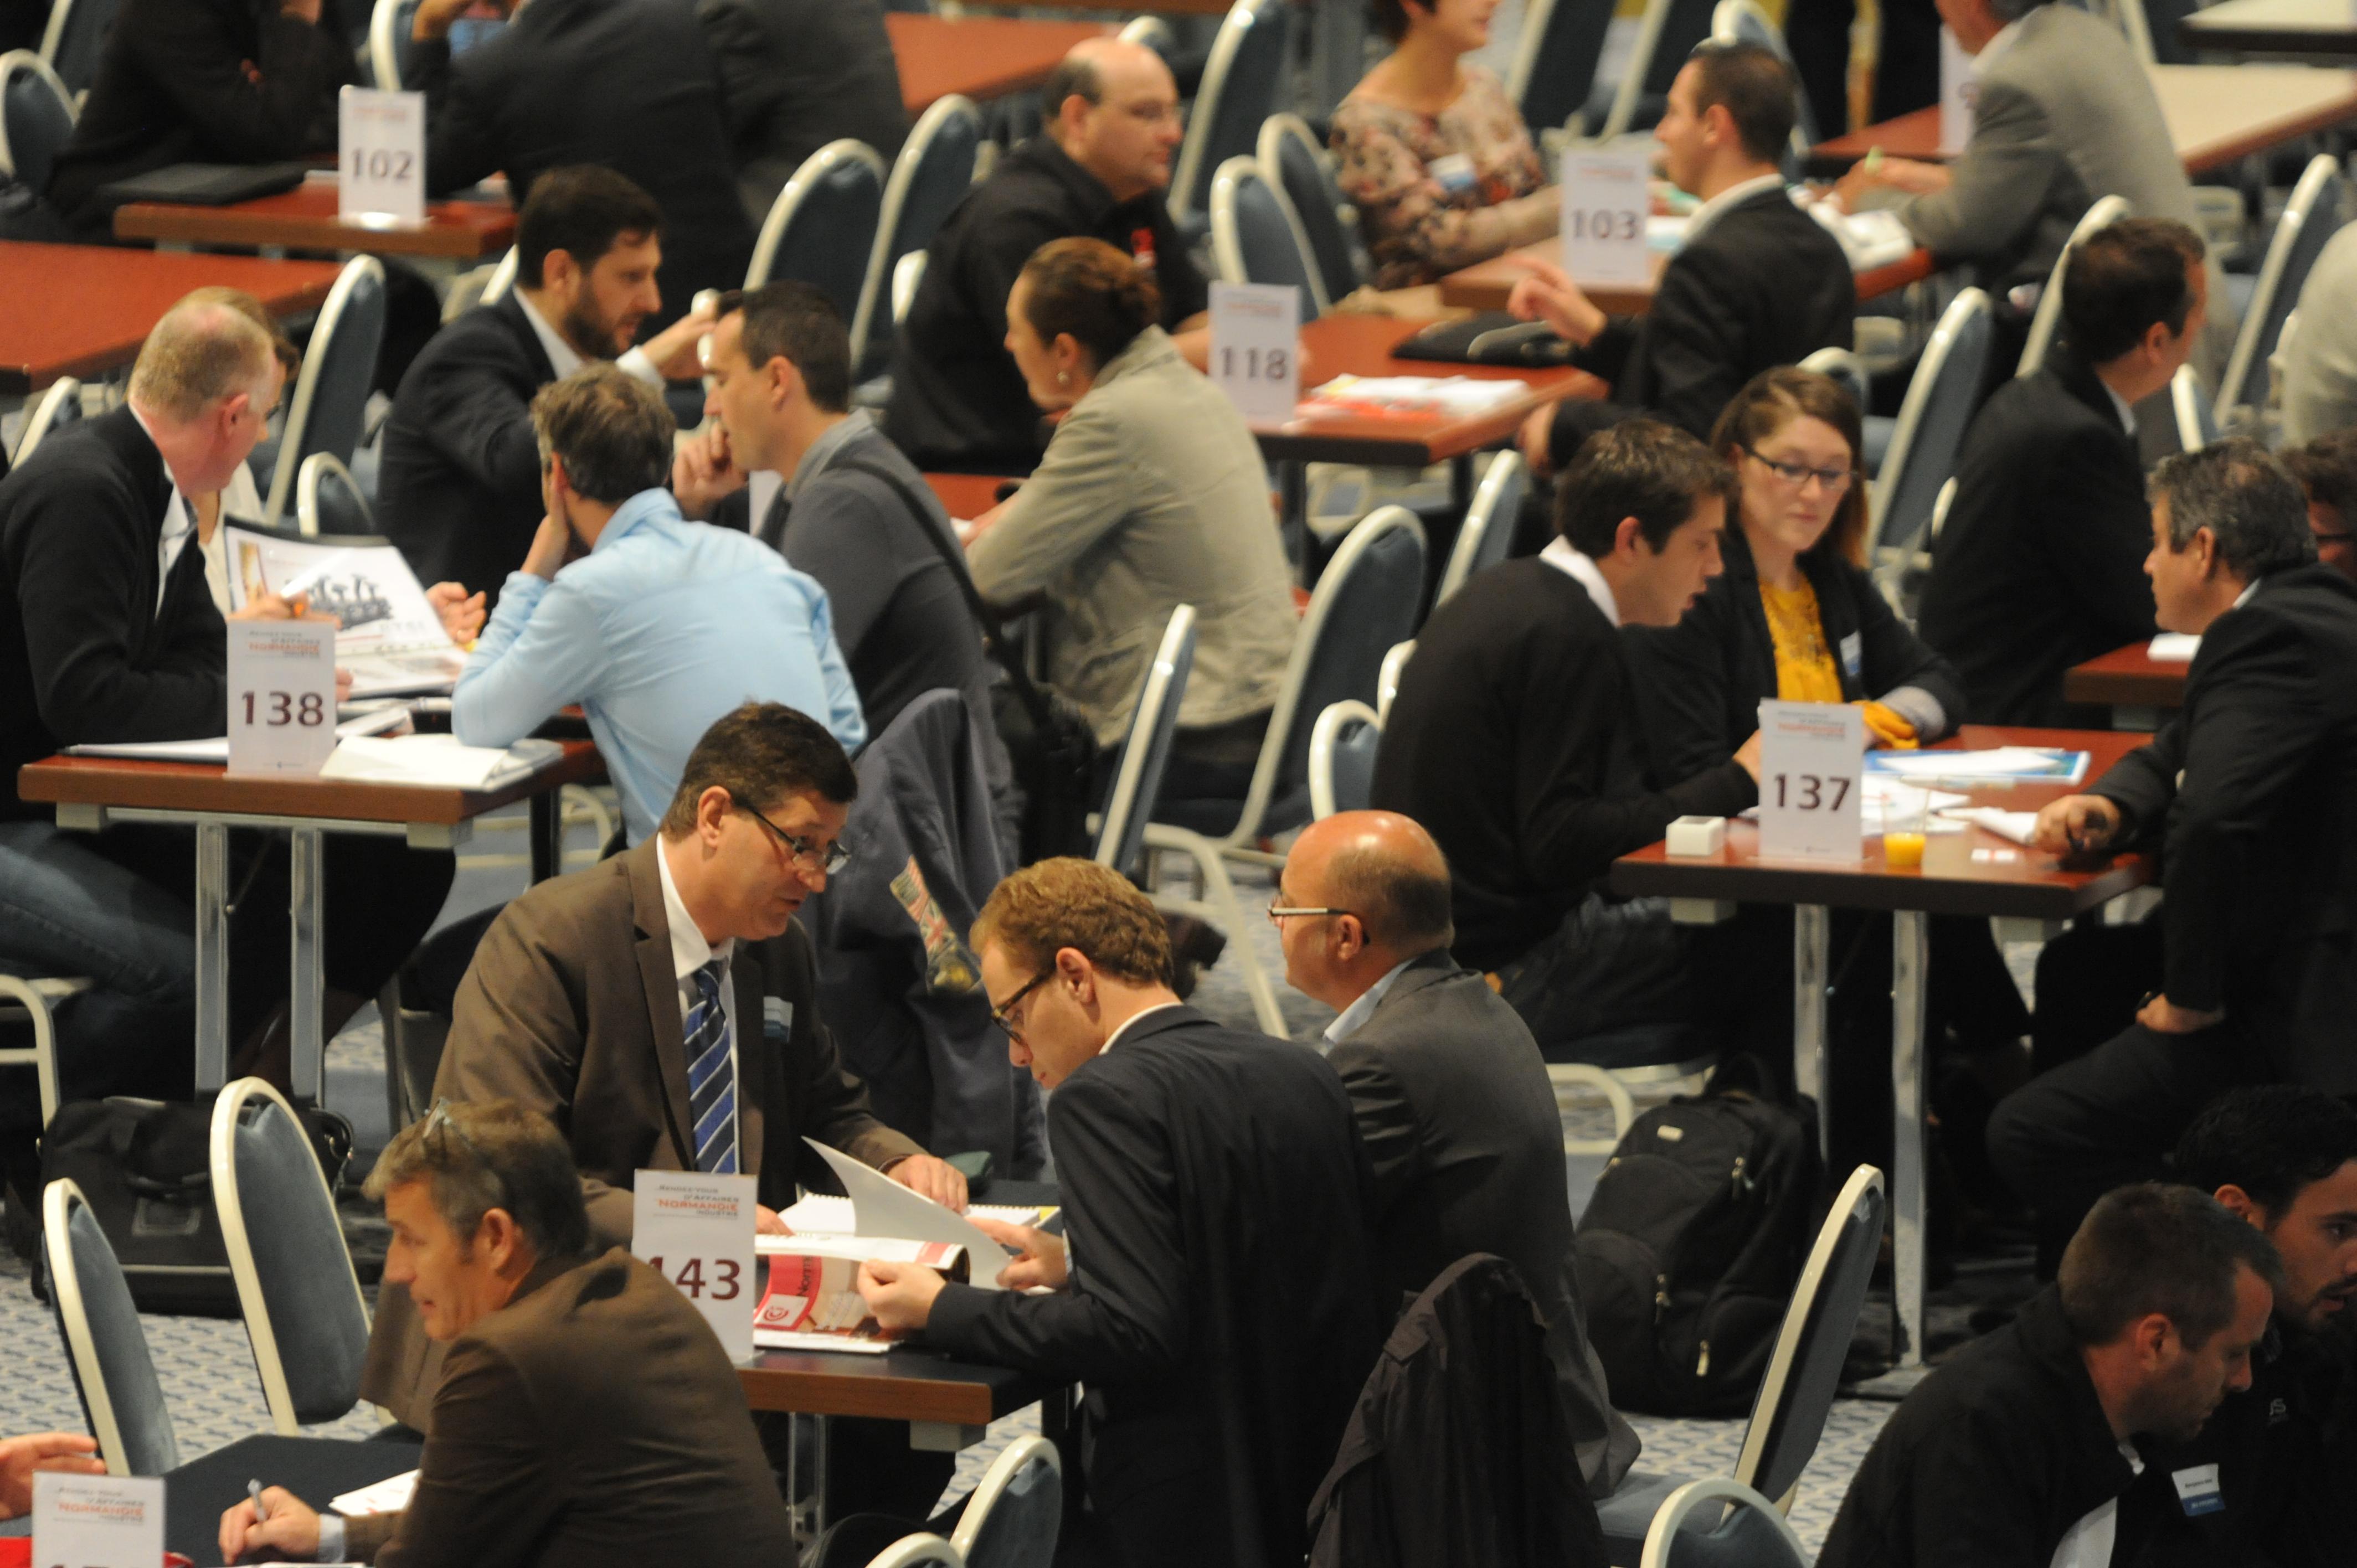 Rencontre, événements d'entreprise lyon : cci lyon, forum de l'international, salons..